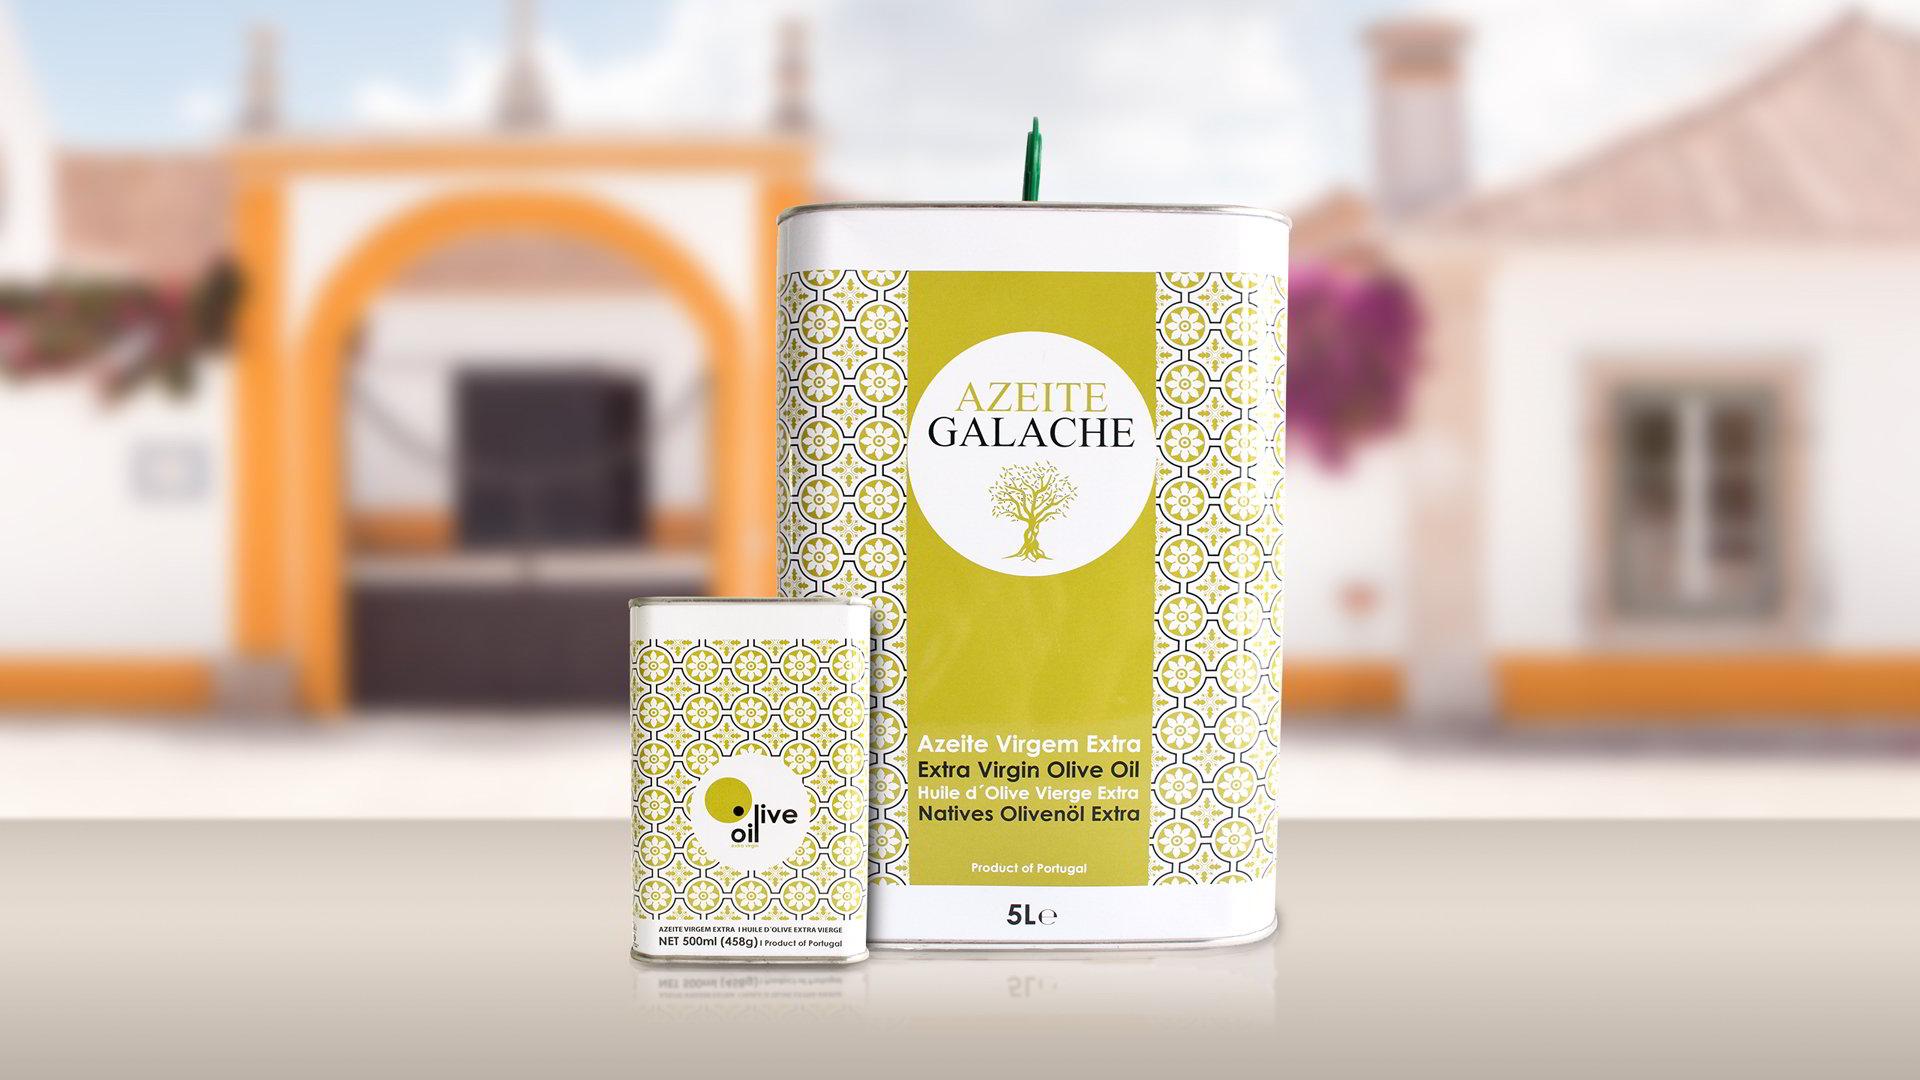 Azeite Virgem Extra Galache Up-Taste